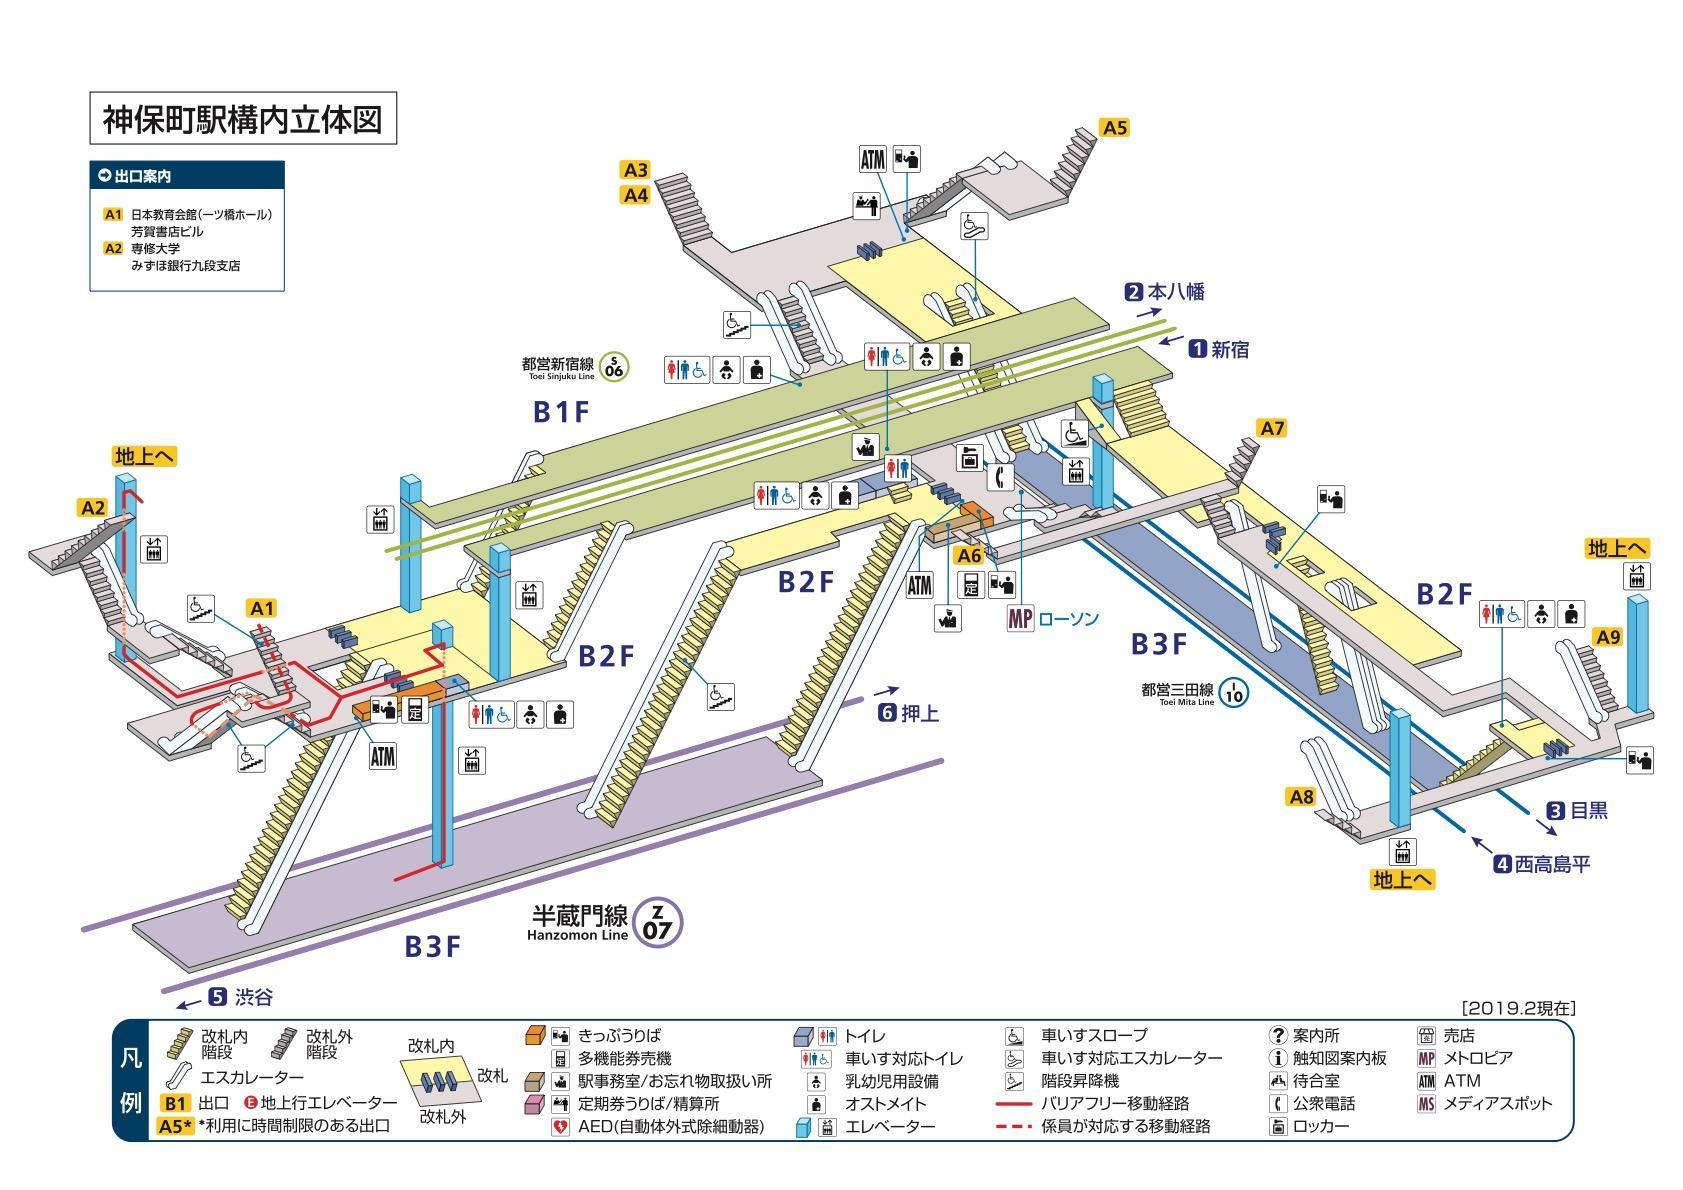 九段下 構内図|駅探 - ekitan.com